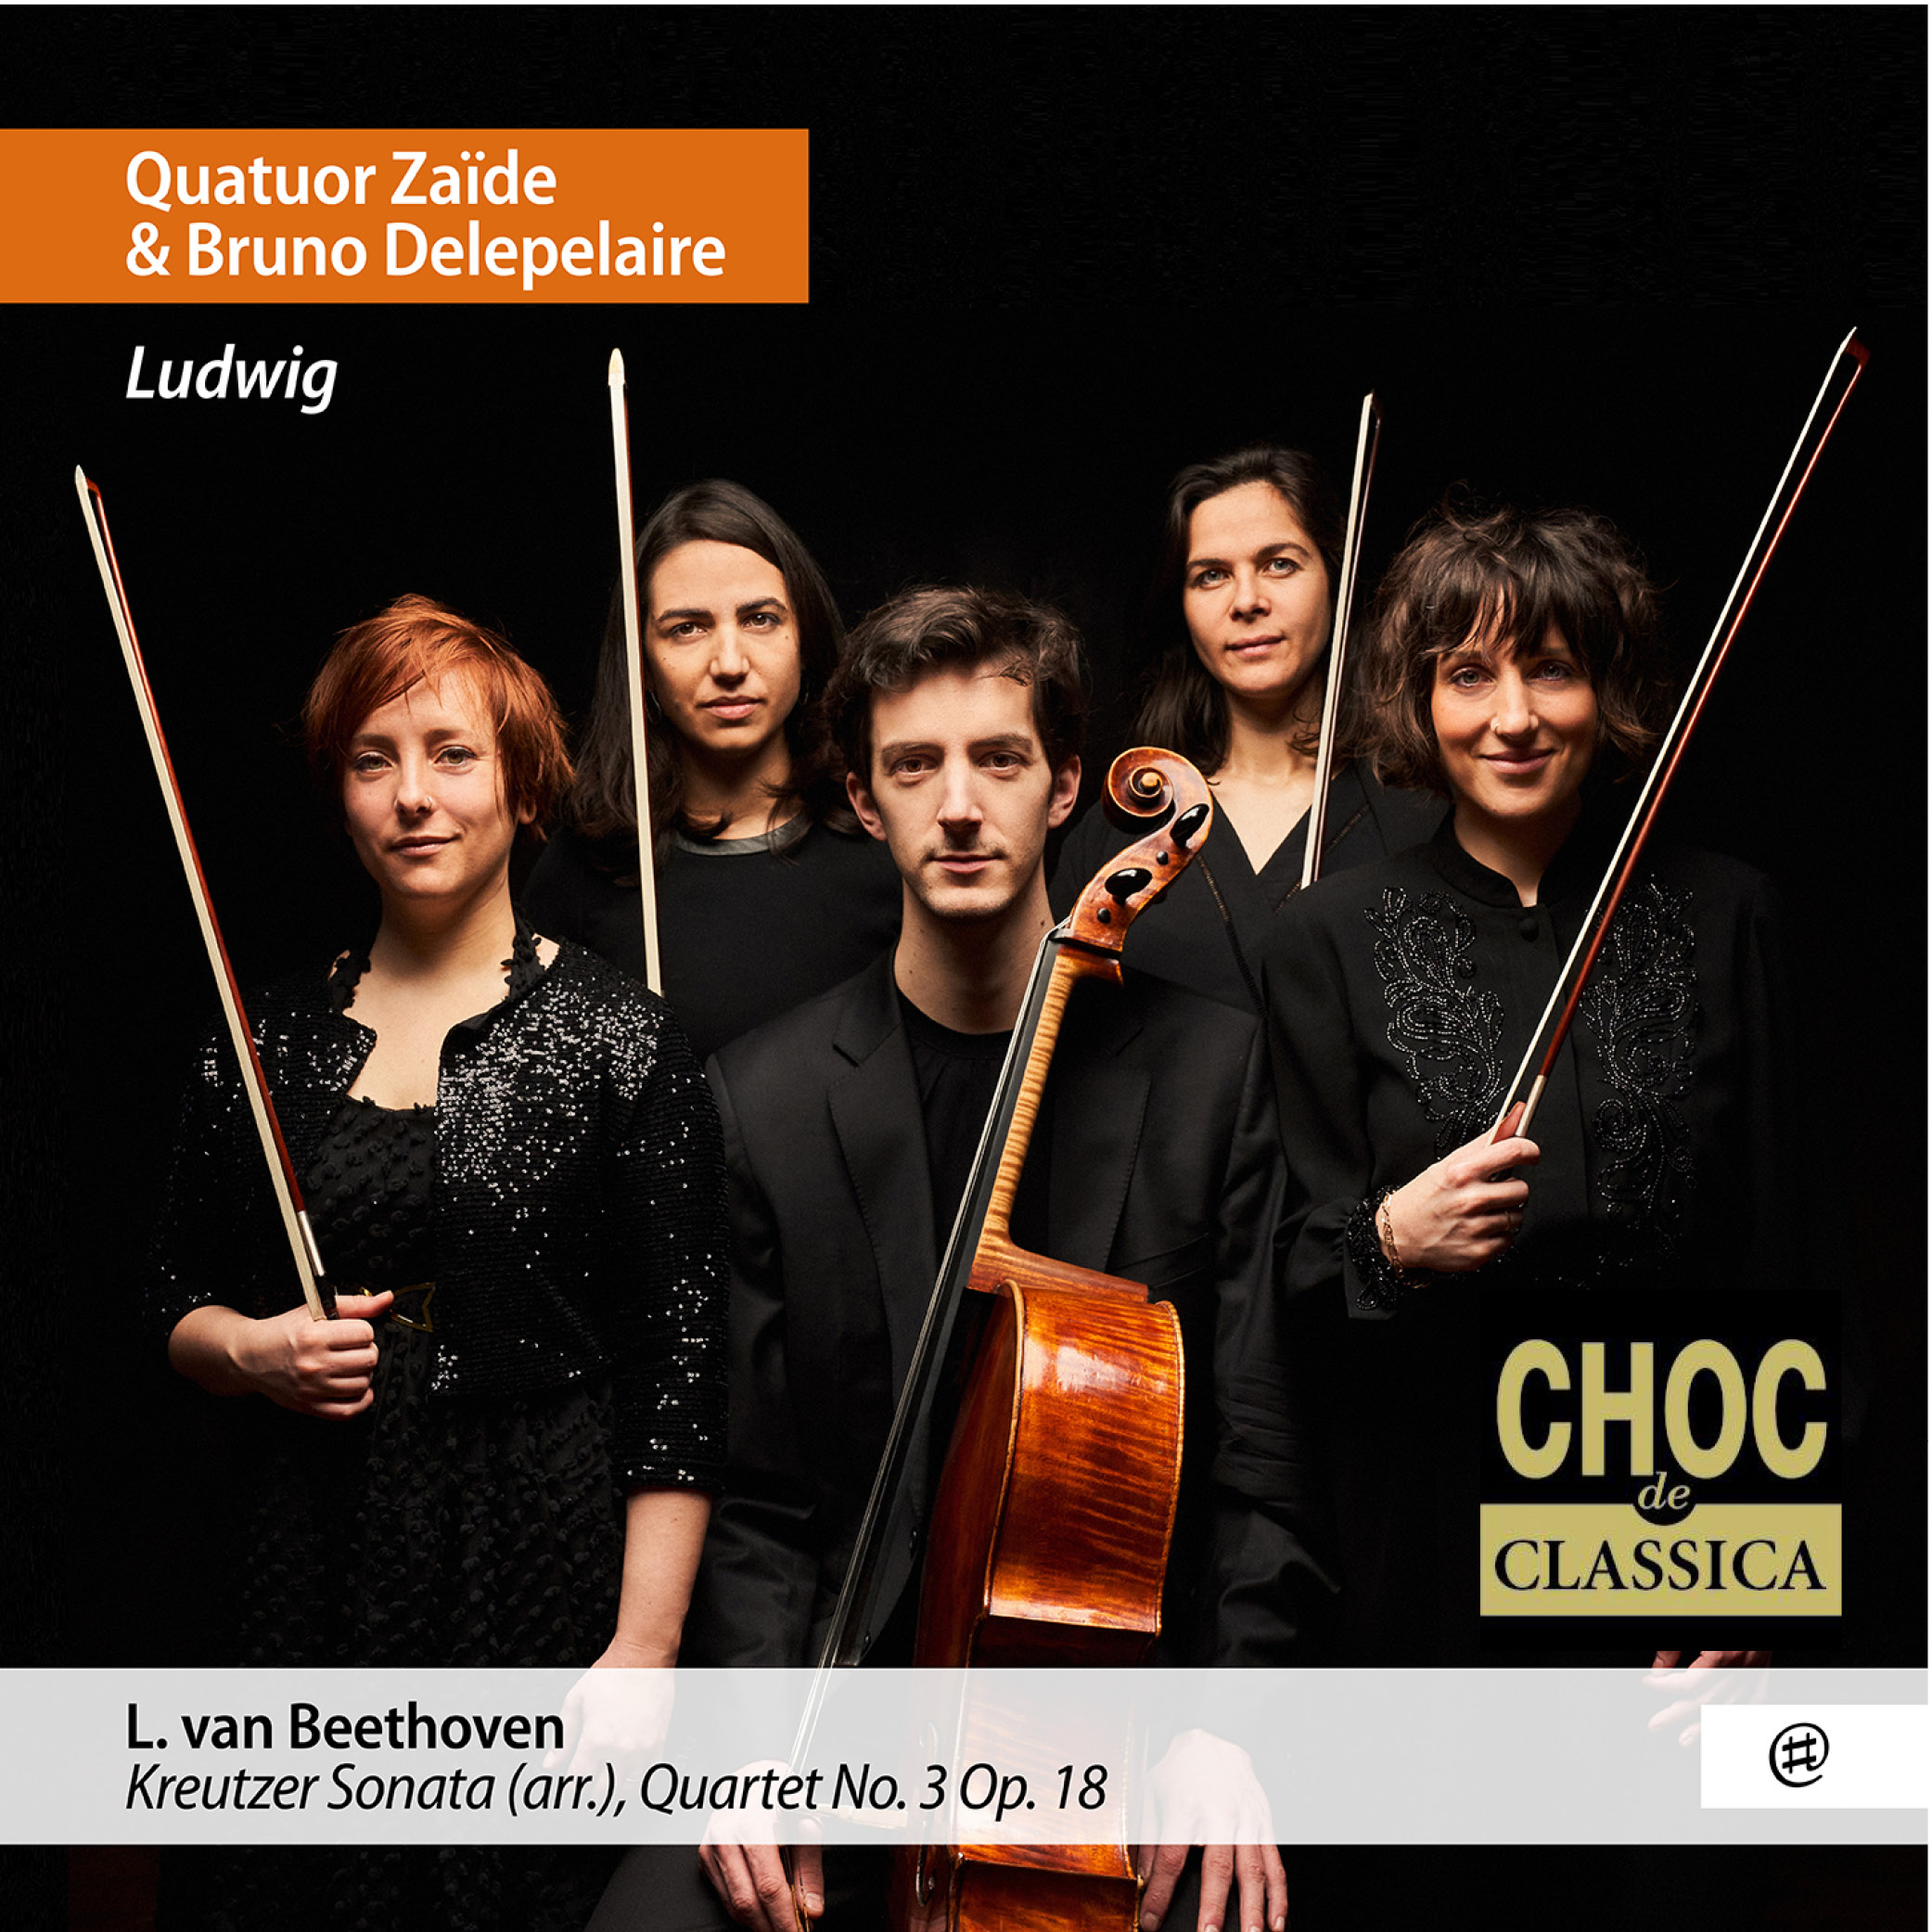 Ludwig - Quatuor Zaïde, Bruno Delepelaire